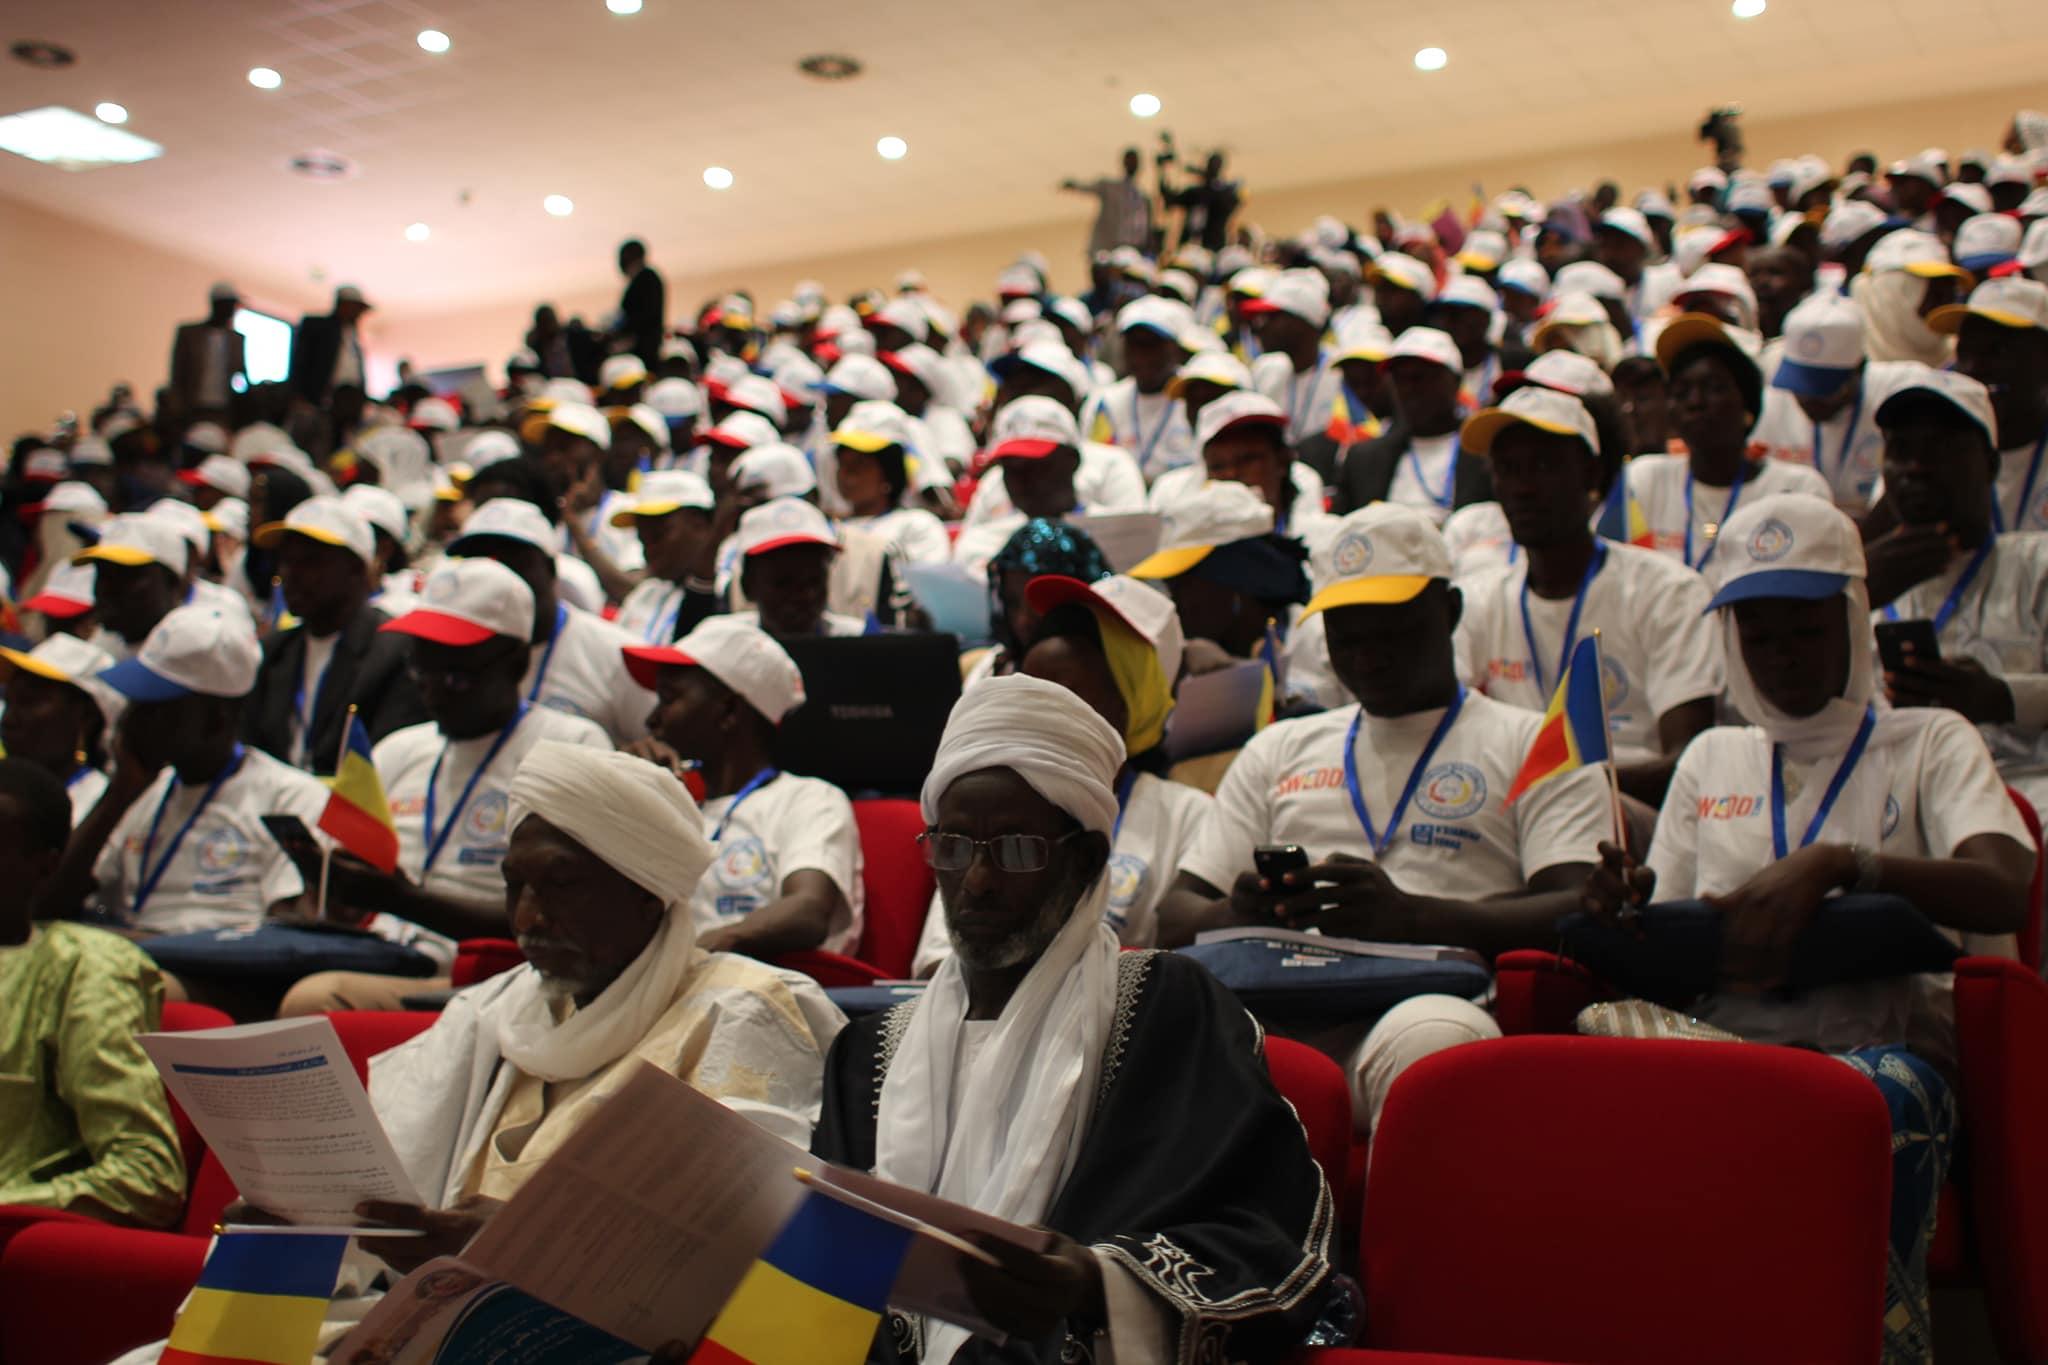 Le forum national de la jeunesse en 2018 à N'Djamena. © DR